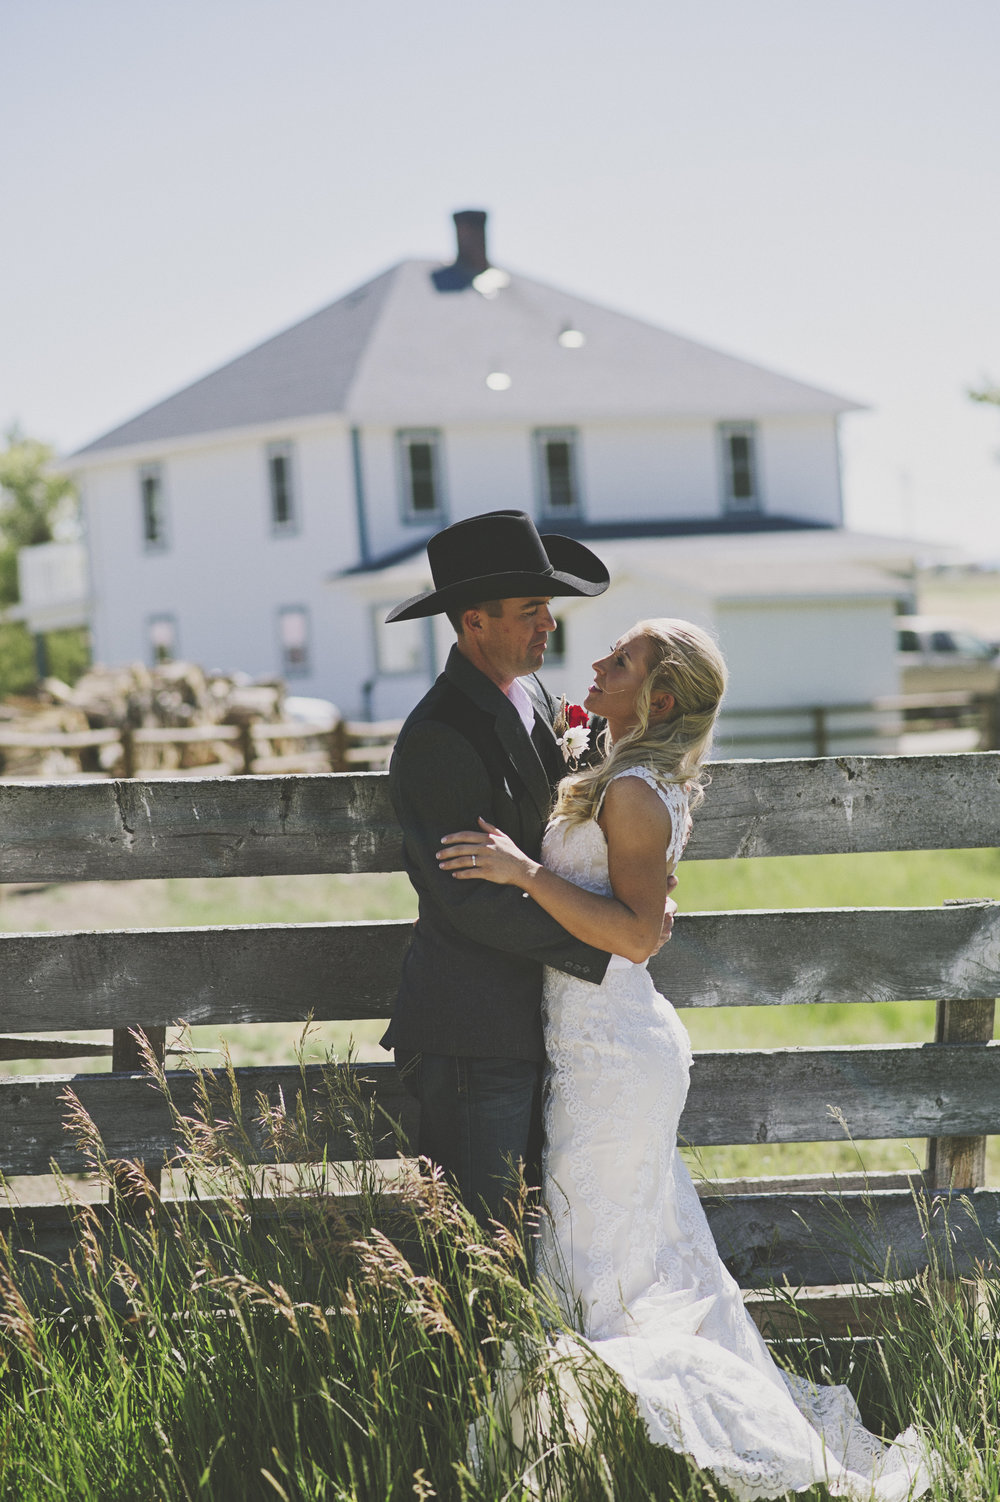 Erica Lind + Jeff Heim Wedding_Rustic Wedding_Montana Wedding_Kelsey Lane Photography-3941-2 copy.jpg